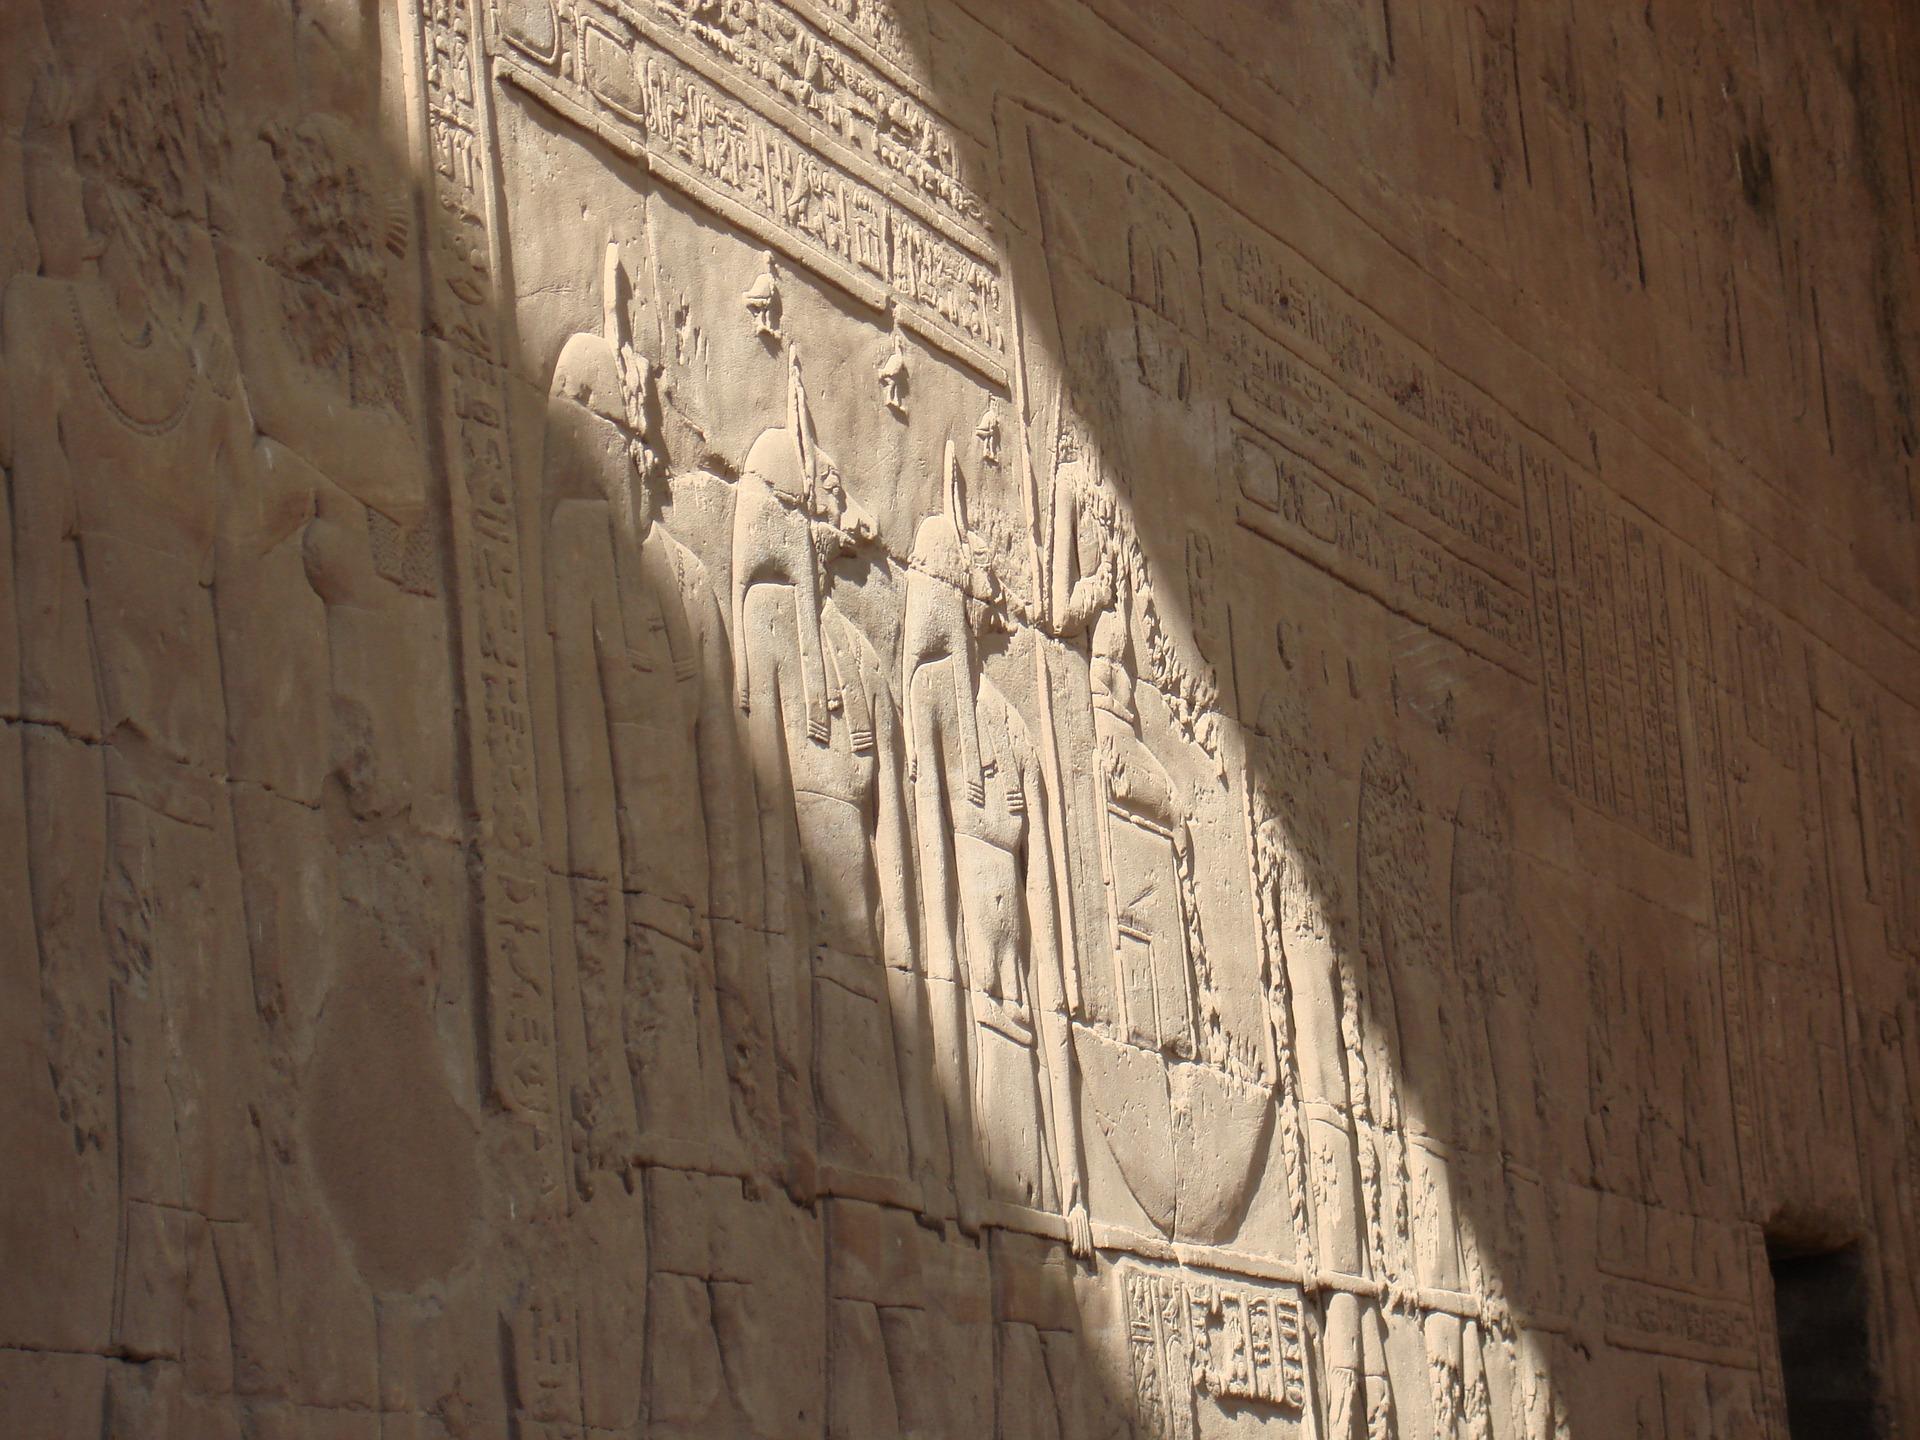 egypt-1397312_1920